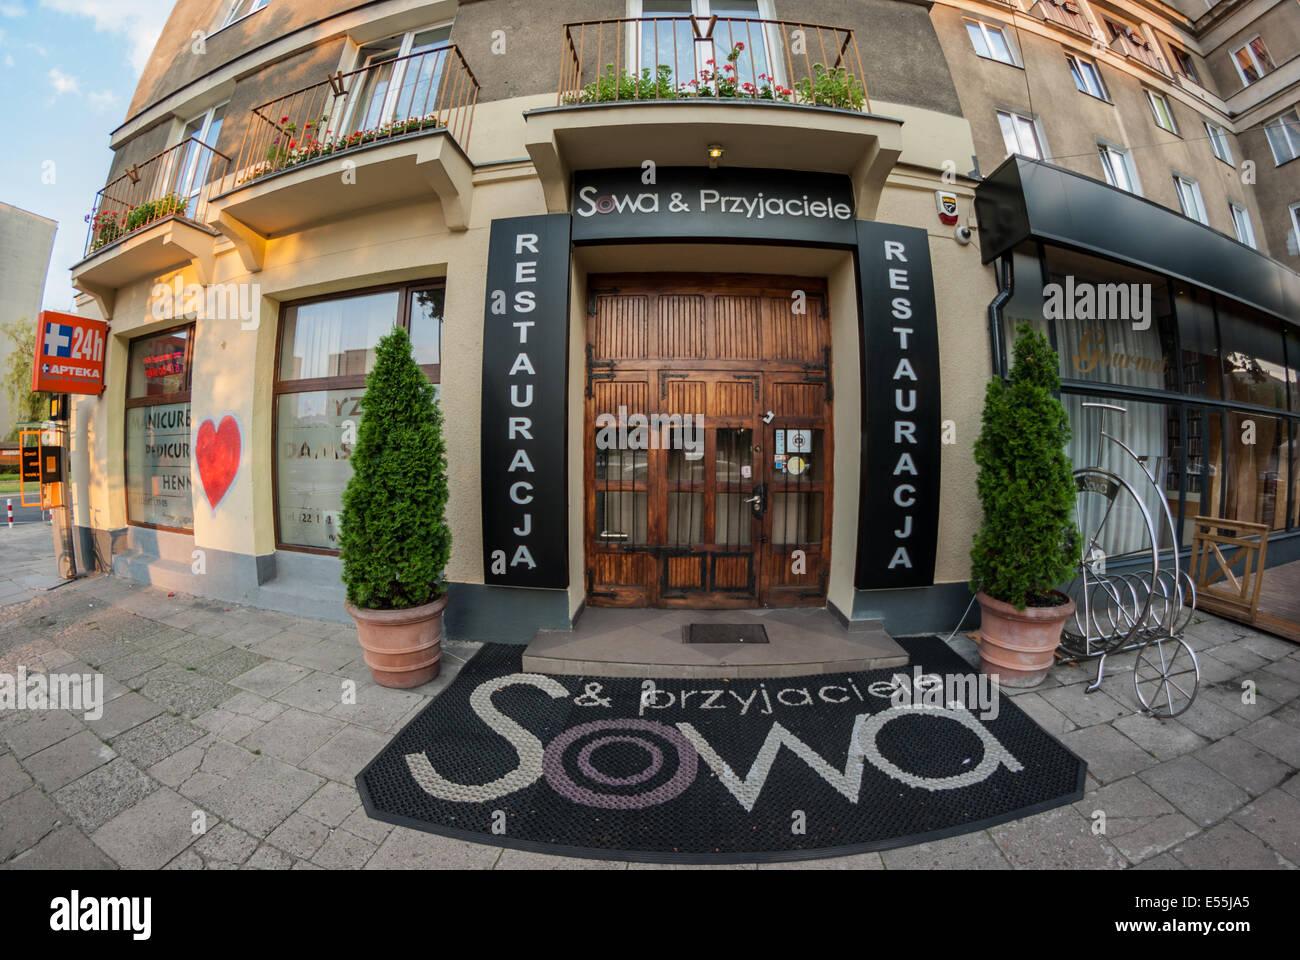 Restauracja Sowa i Przyjaciele  (Owl and Friends Restaurant), Warsaw, Poland - Stock Image